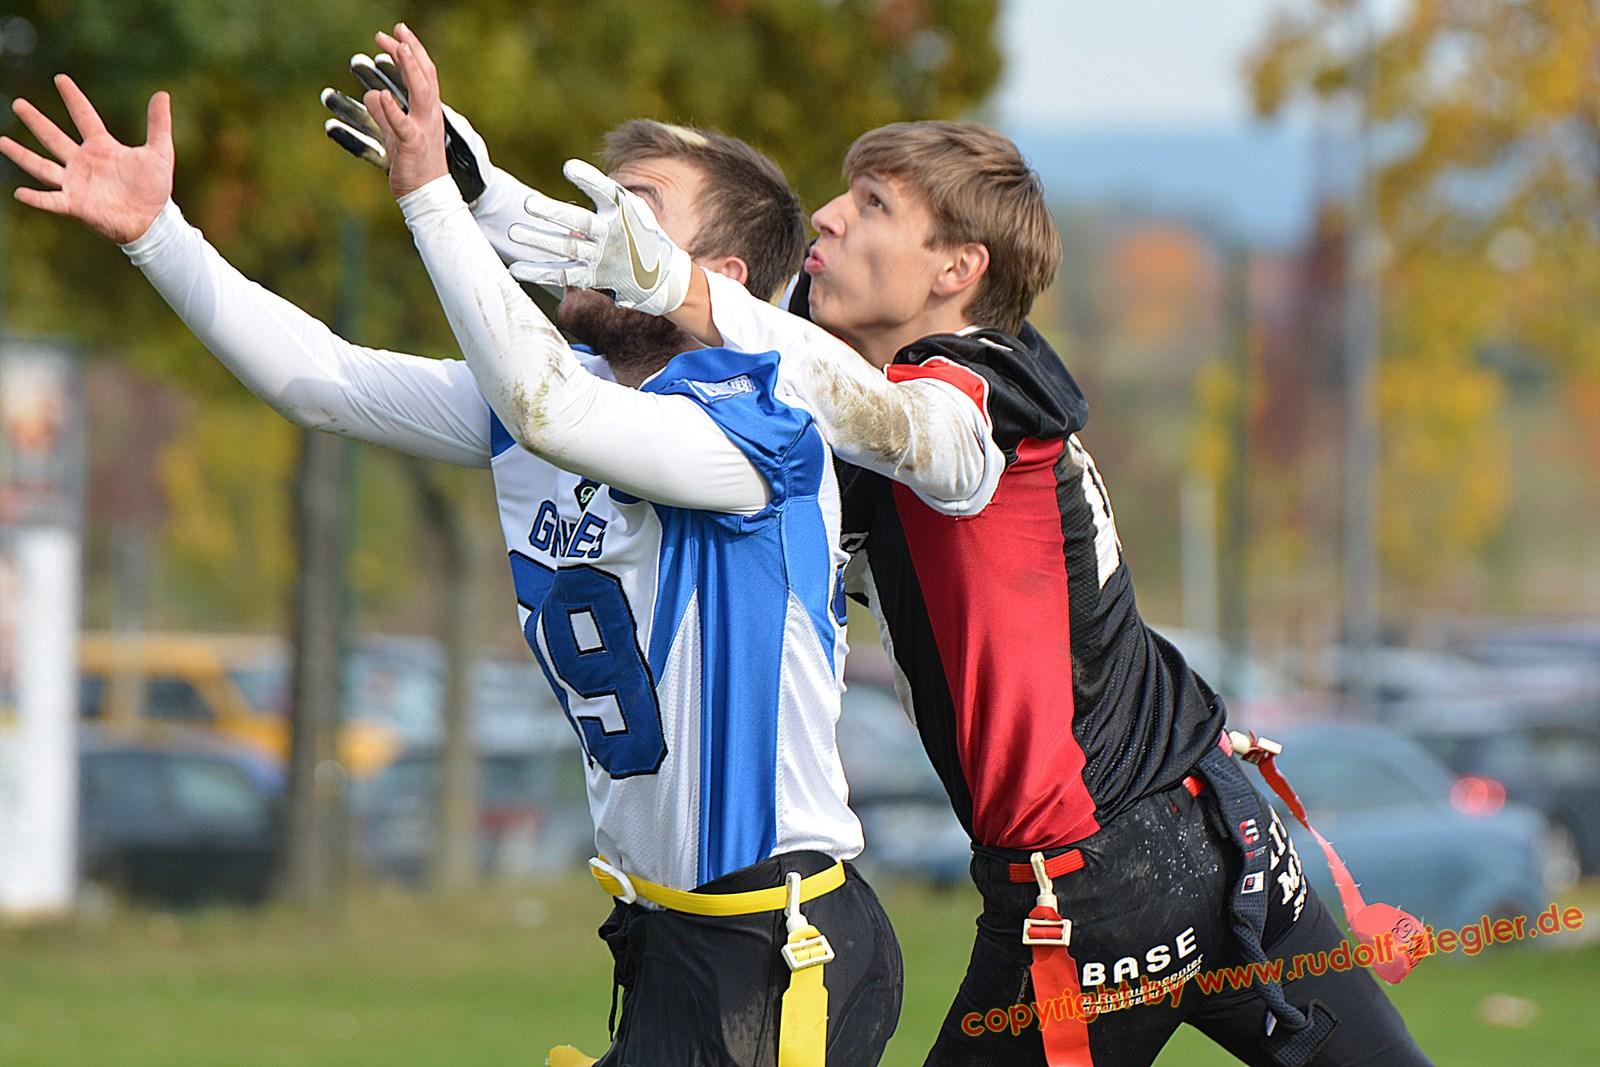 FLAG FOOTBALL - Bayerische Meisterschaften U19 051-Bearb (1600x1200)